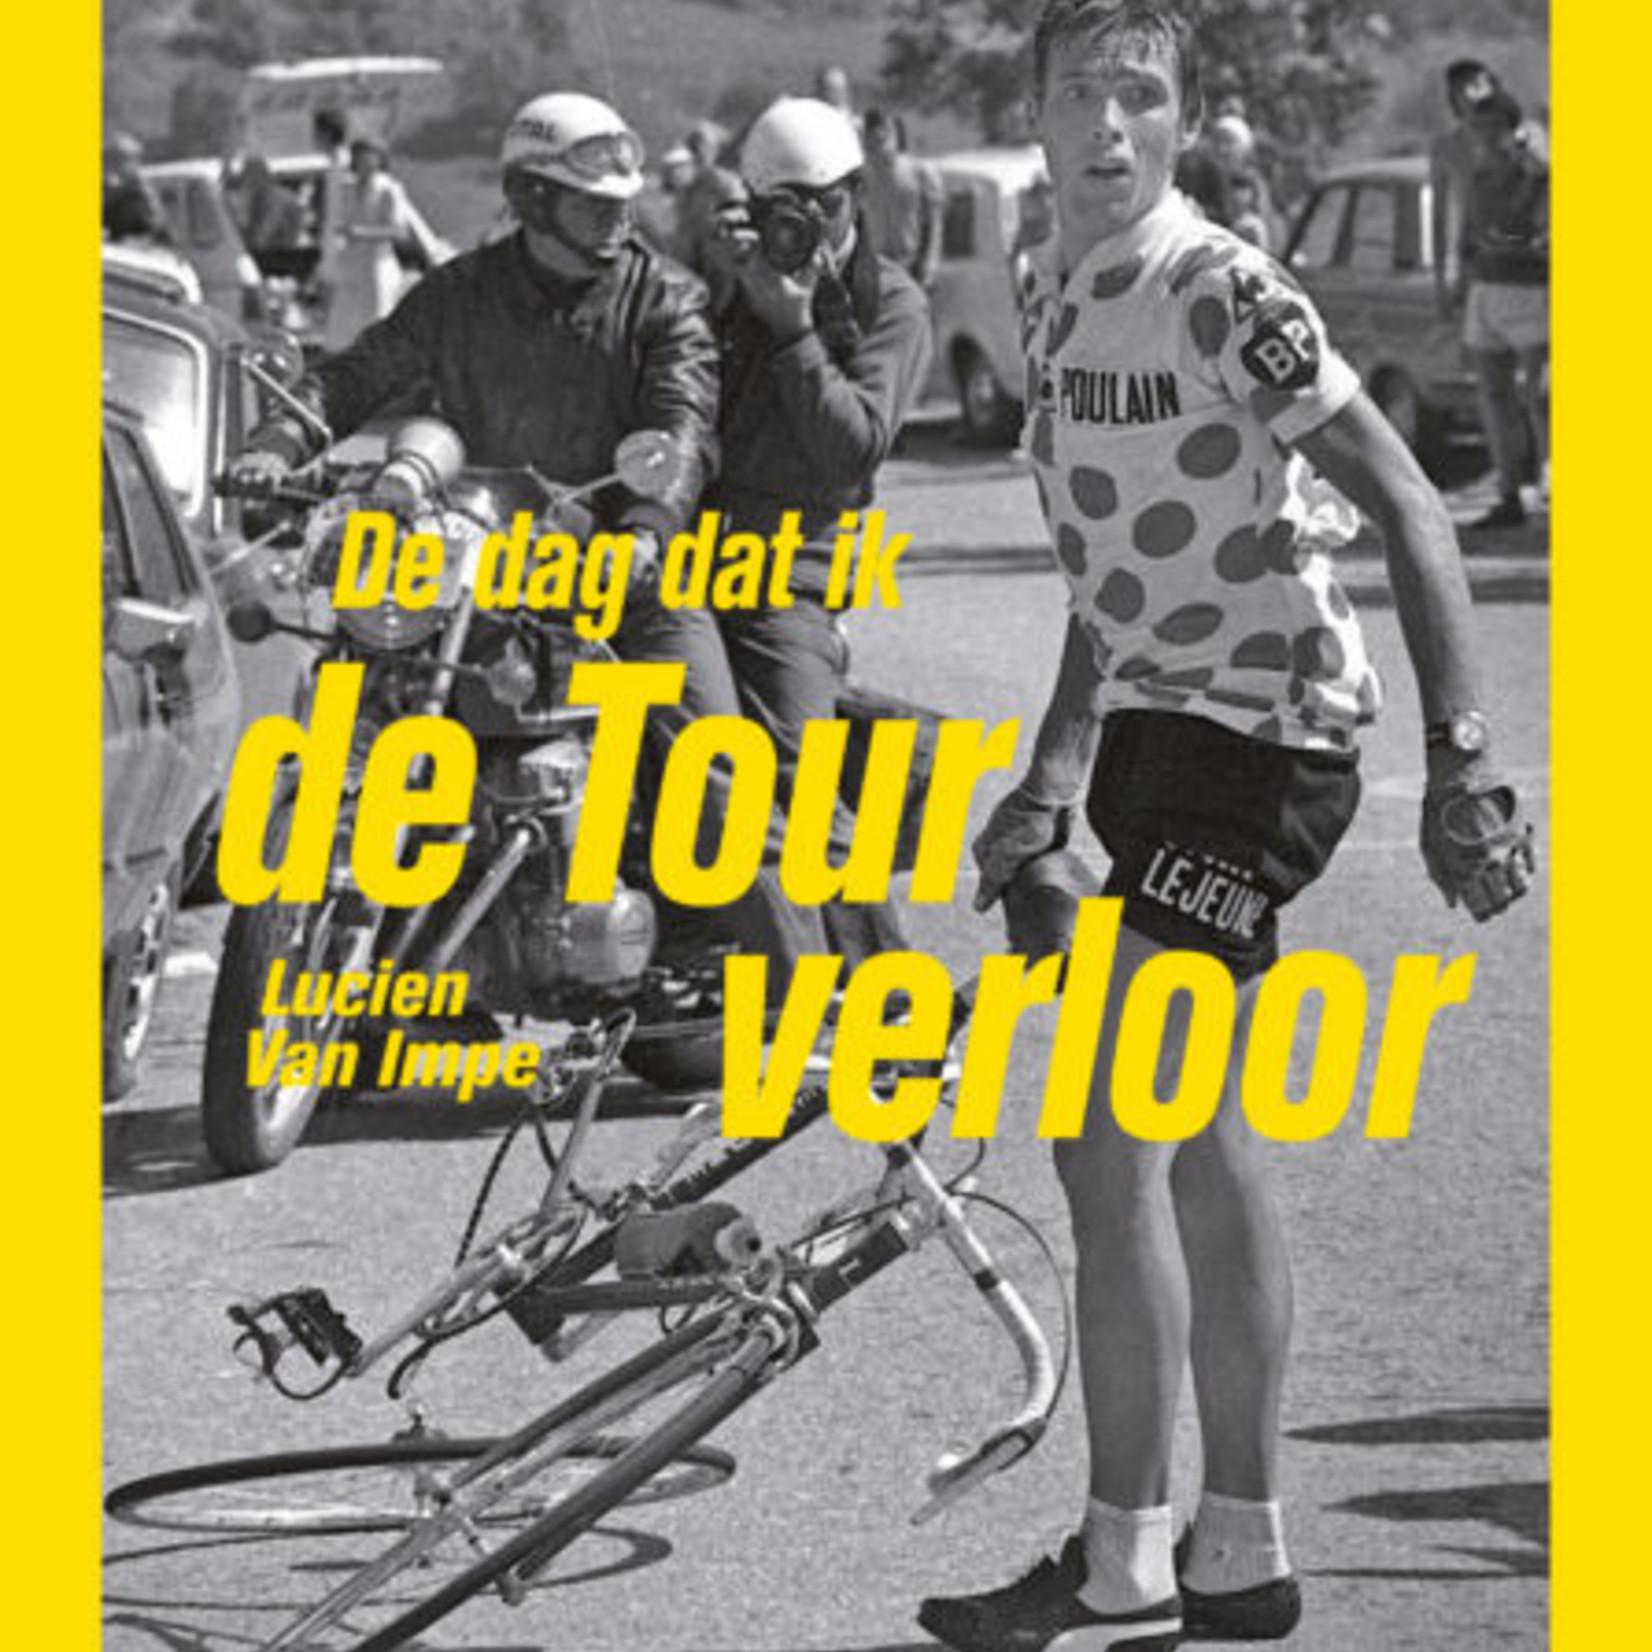 Book 'De dag dat ik de tour verloor' (NED)